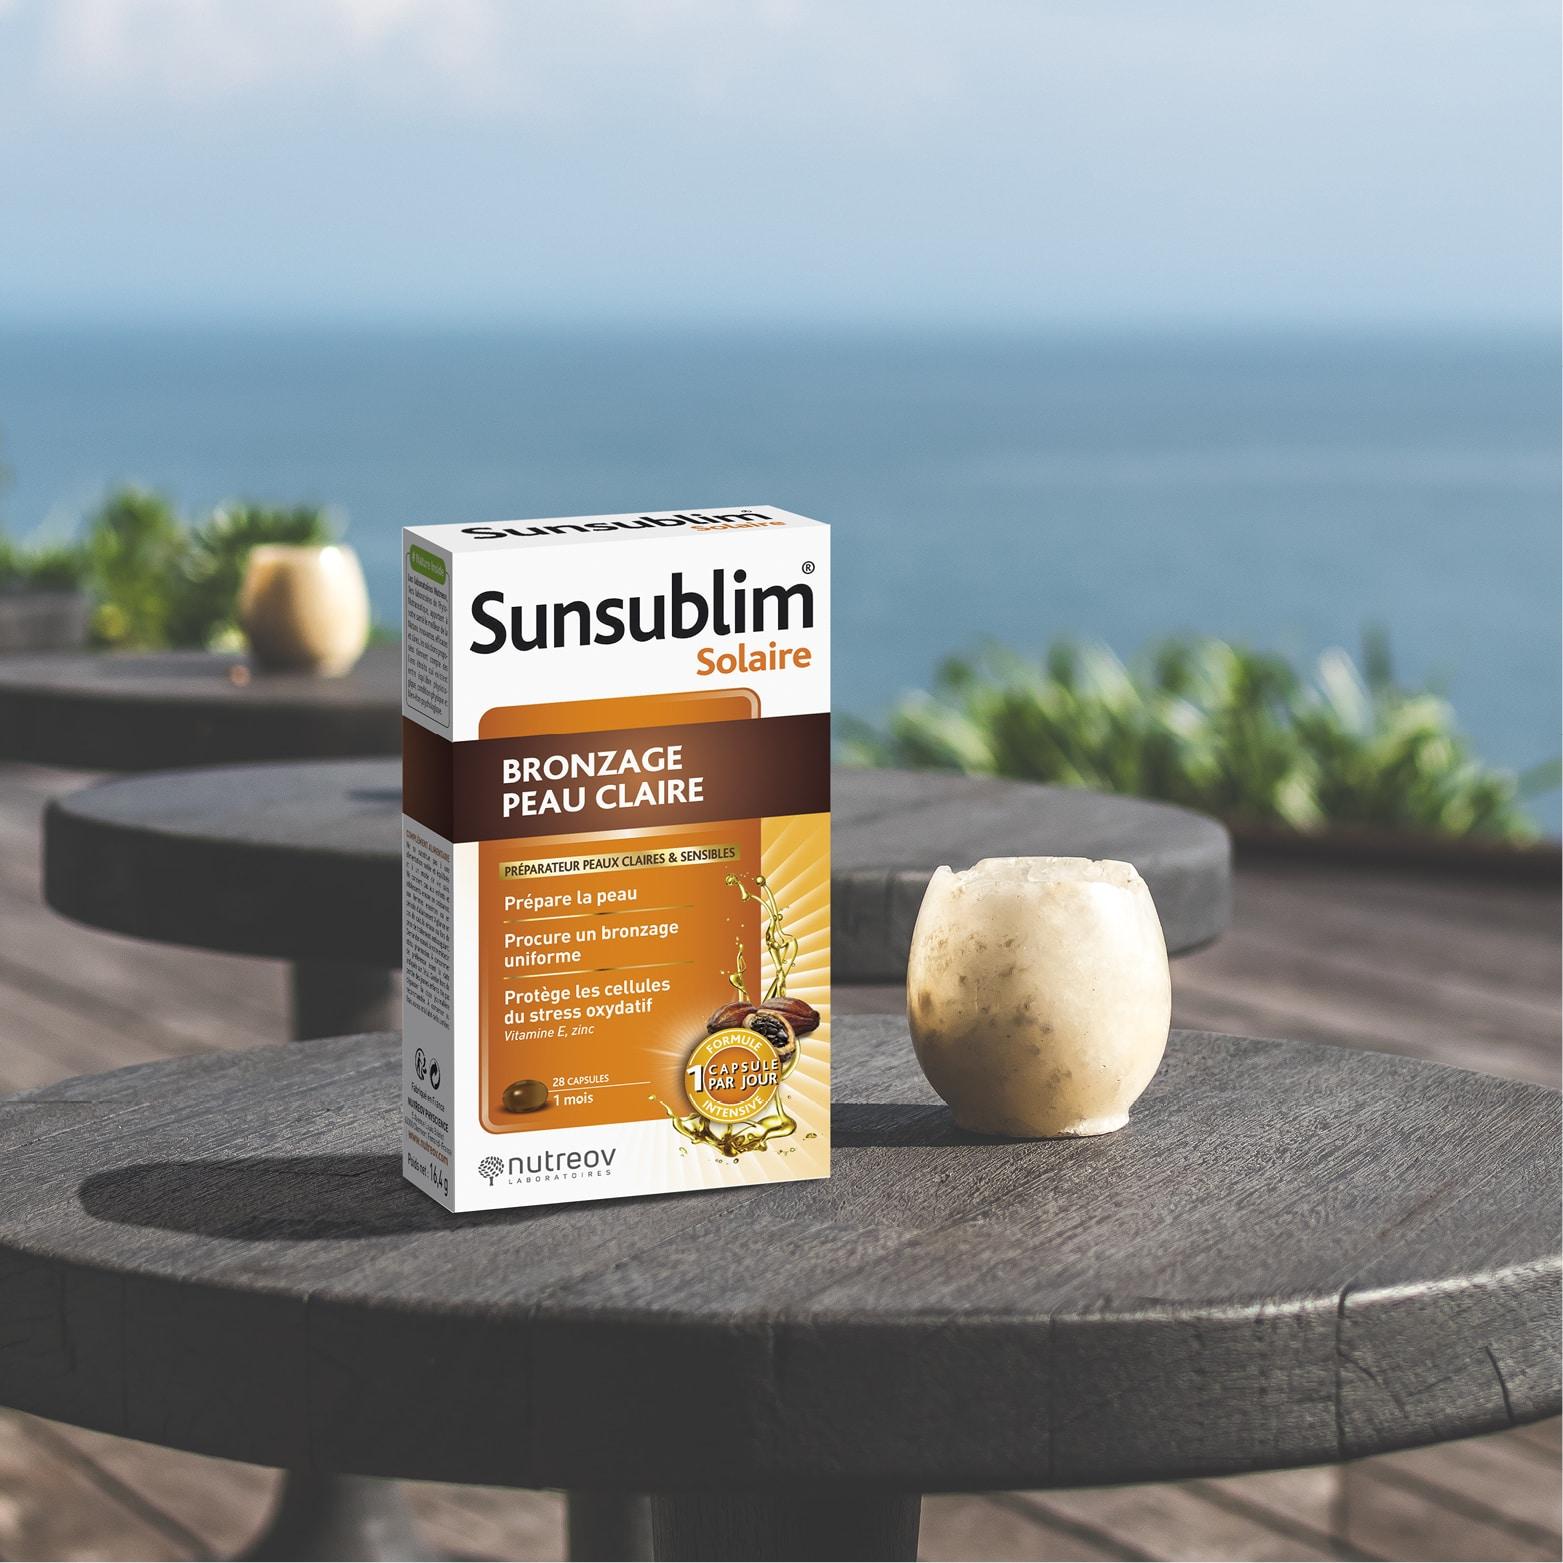 Sunsublim® Solaire Bronzage Peau Claire